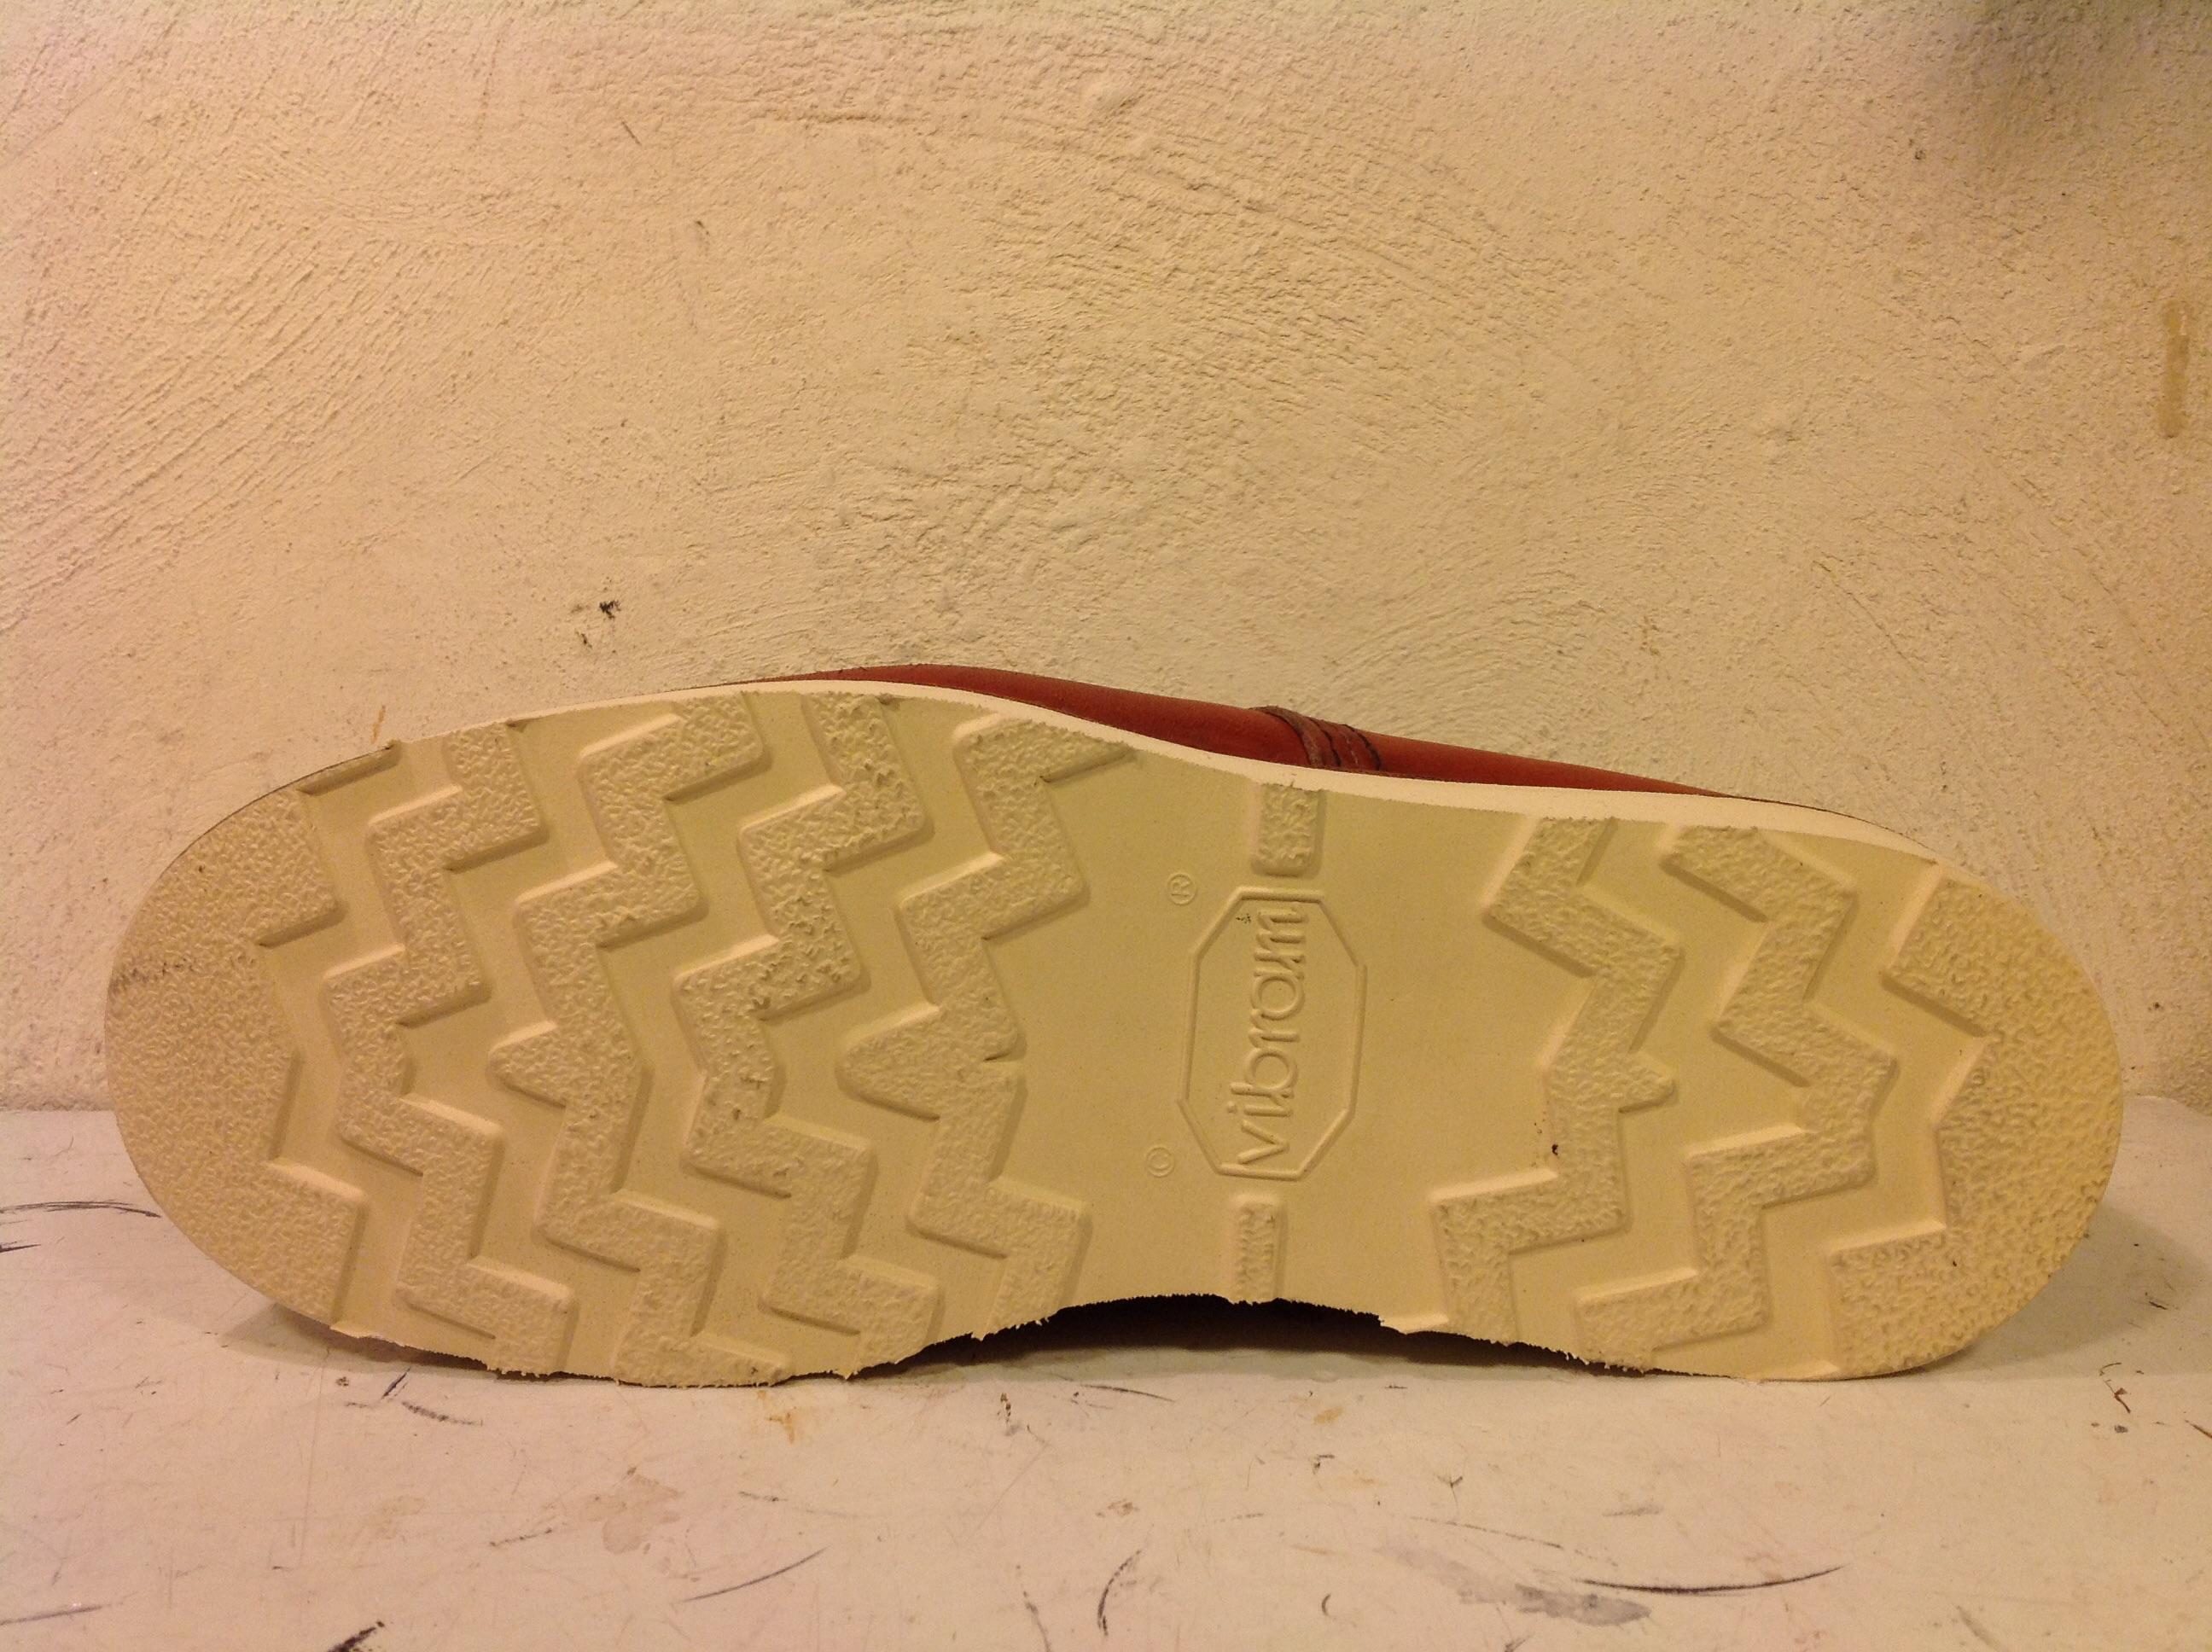 RED WING レッドウイング 8103 ♯4014 vibramミッドソール 滑り革補修